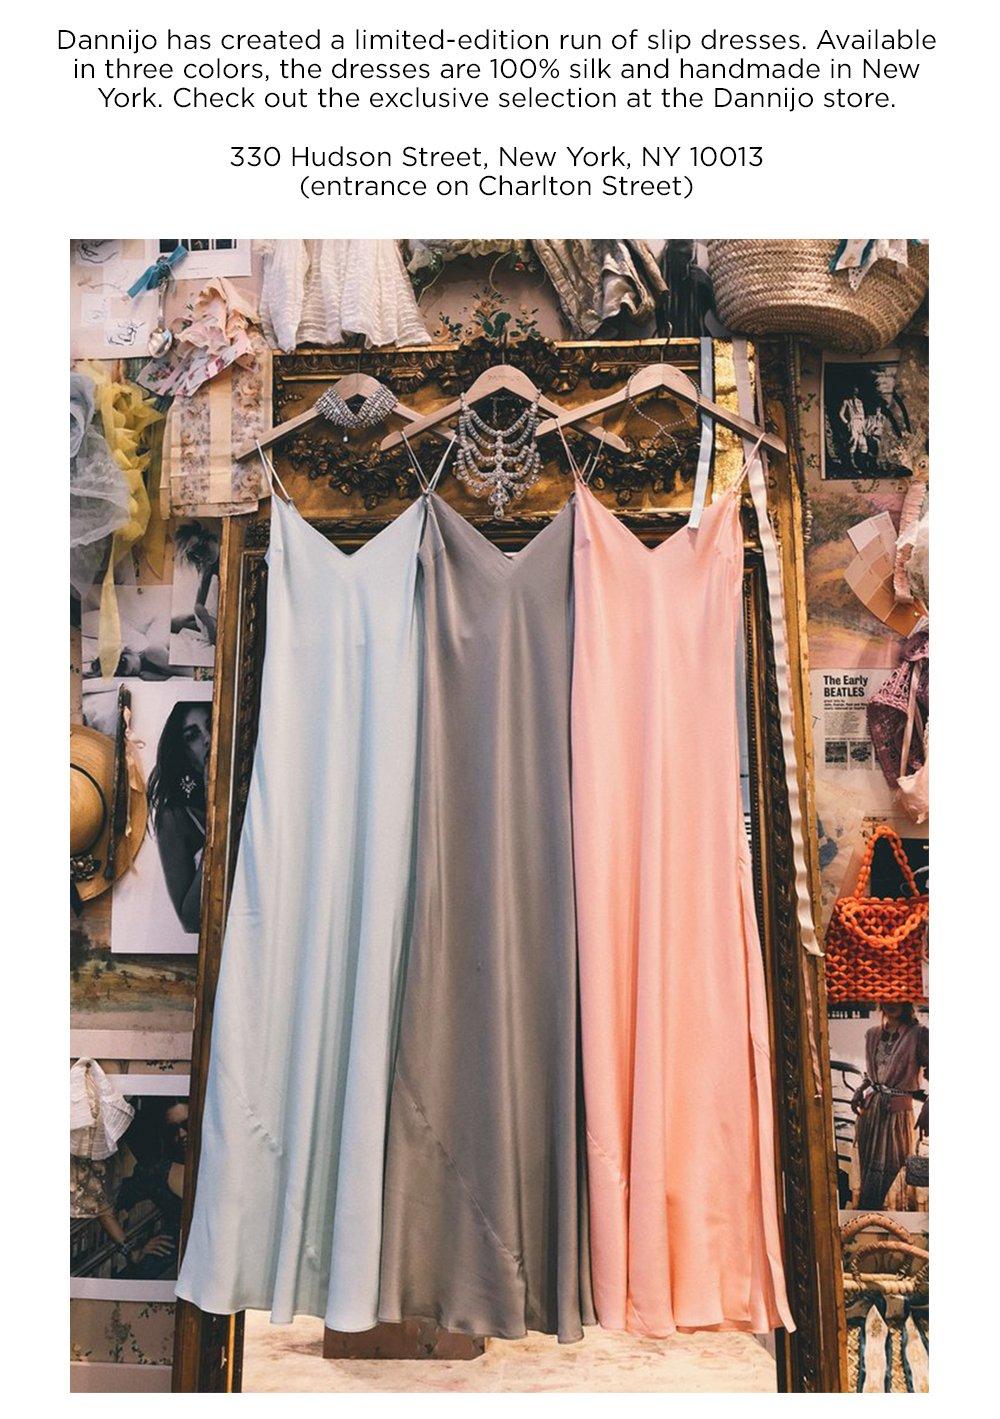 39b6eca5ce42 Dannijo: The Slip Dress is Back!   Milled